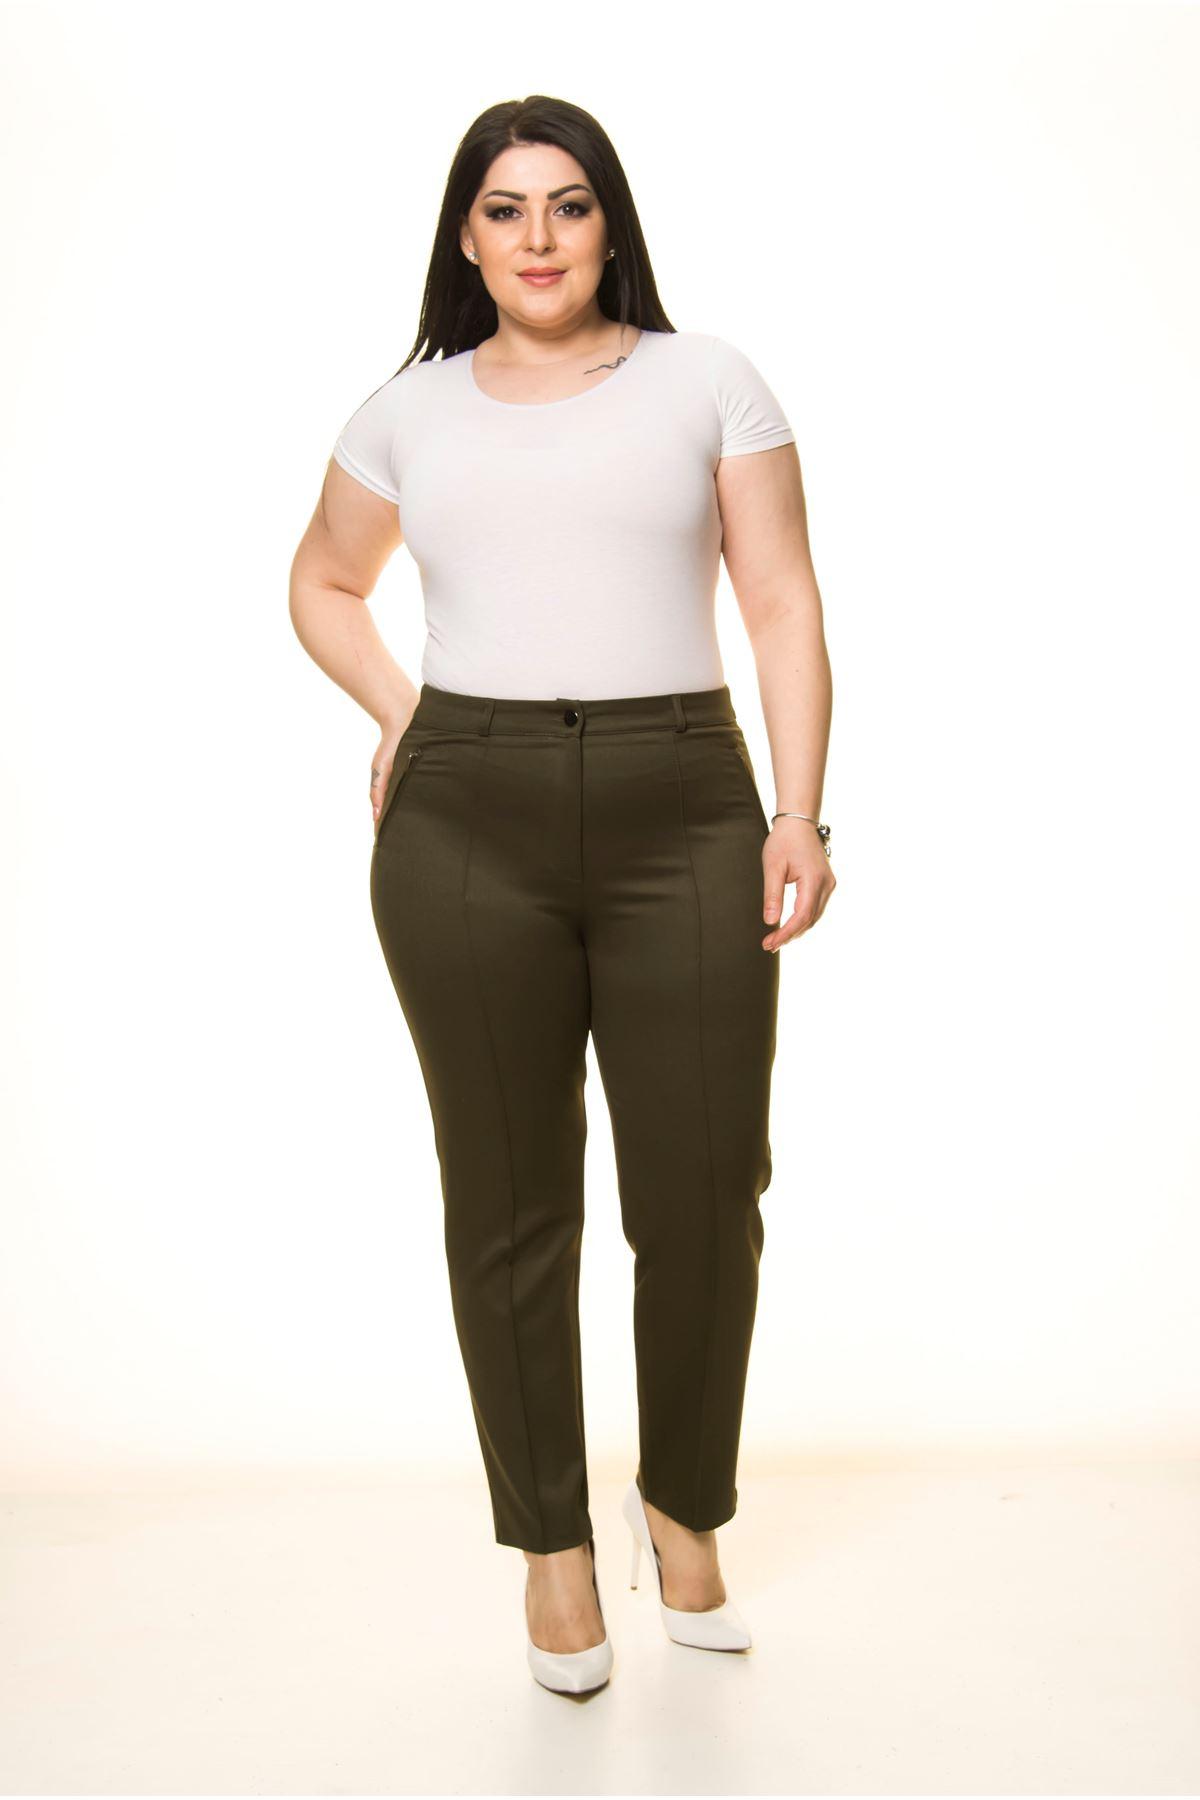 Yeşil Yandan Cepli Büyük Beden Pantolon L1-1719